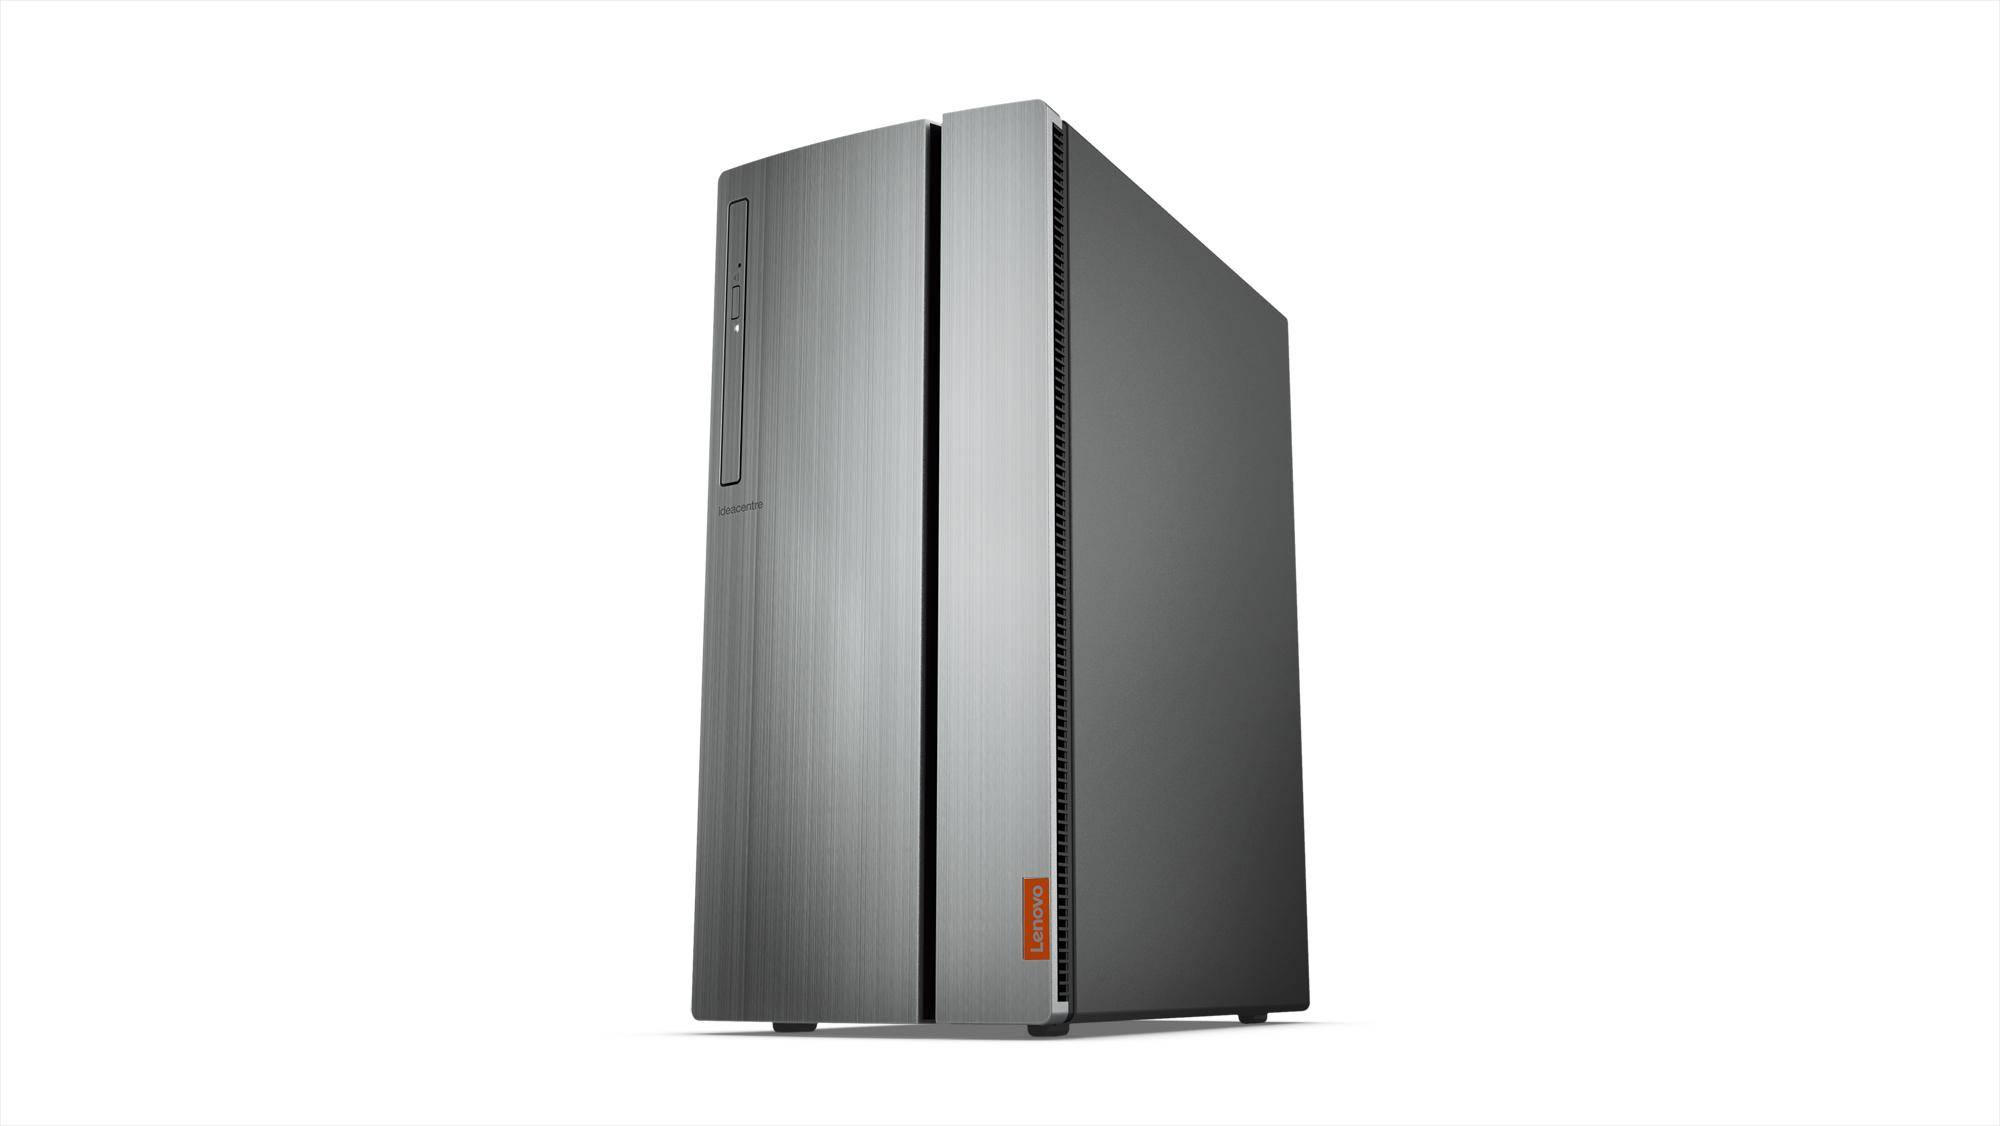 LENOVO IdeaCentre 720 3,2 GHz AMD Ryzen 5 1400 Noir, Argent Tour PC